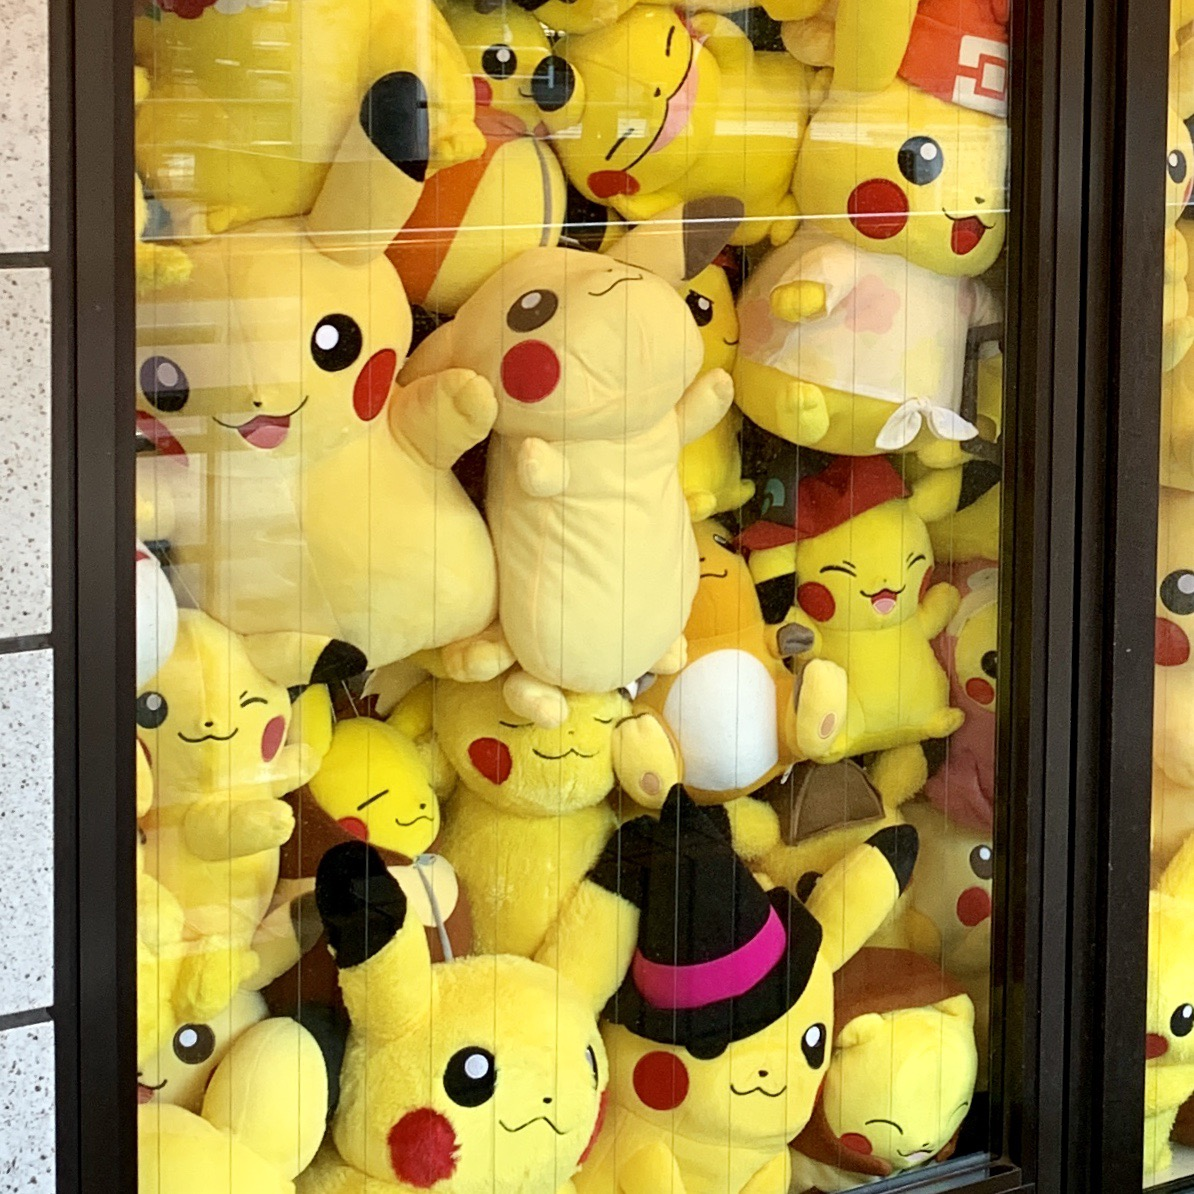 f:id:pikachu_pcn:20200120120233j:plain